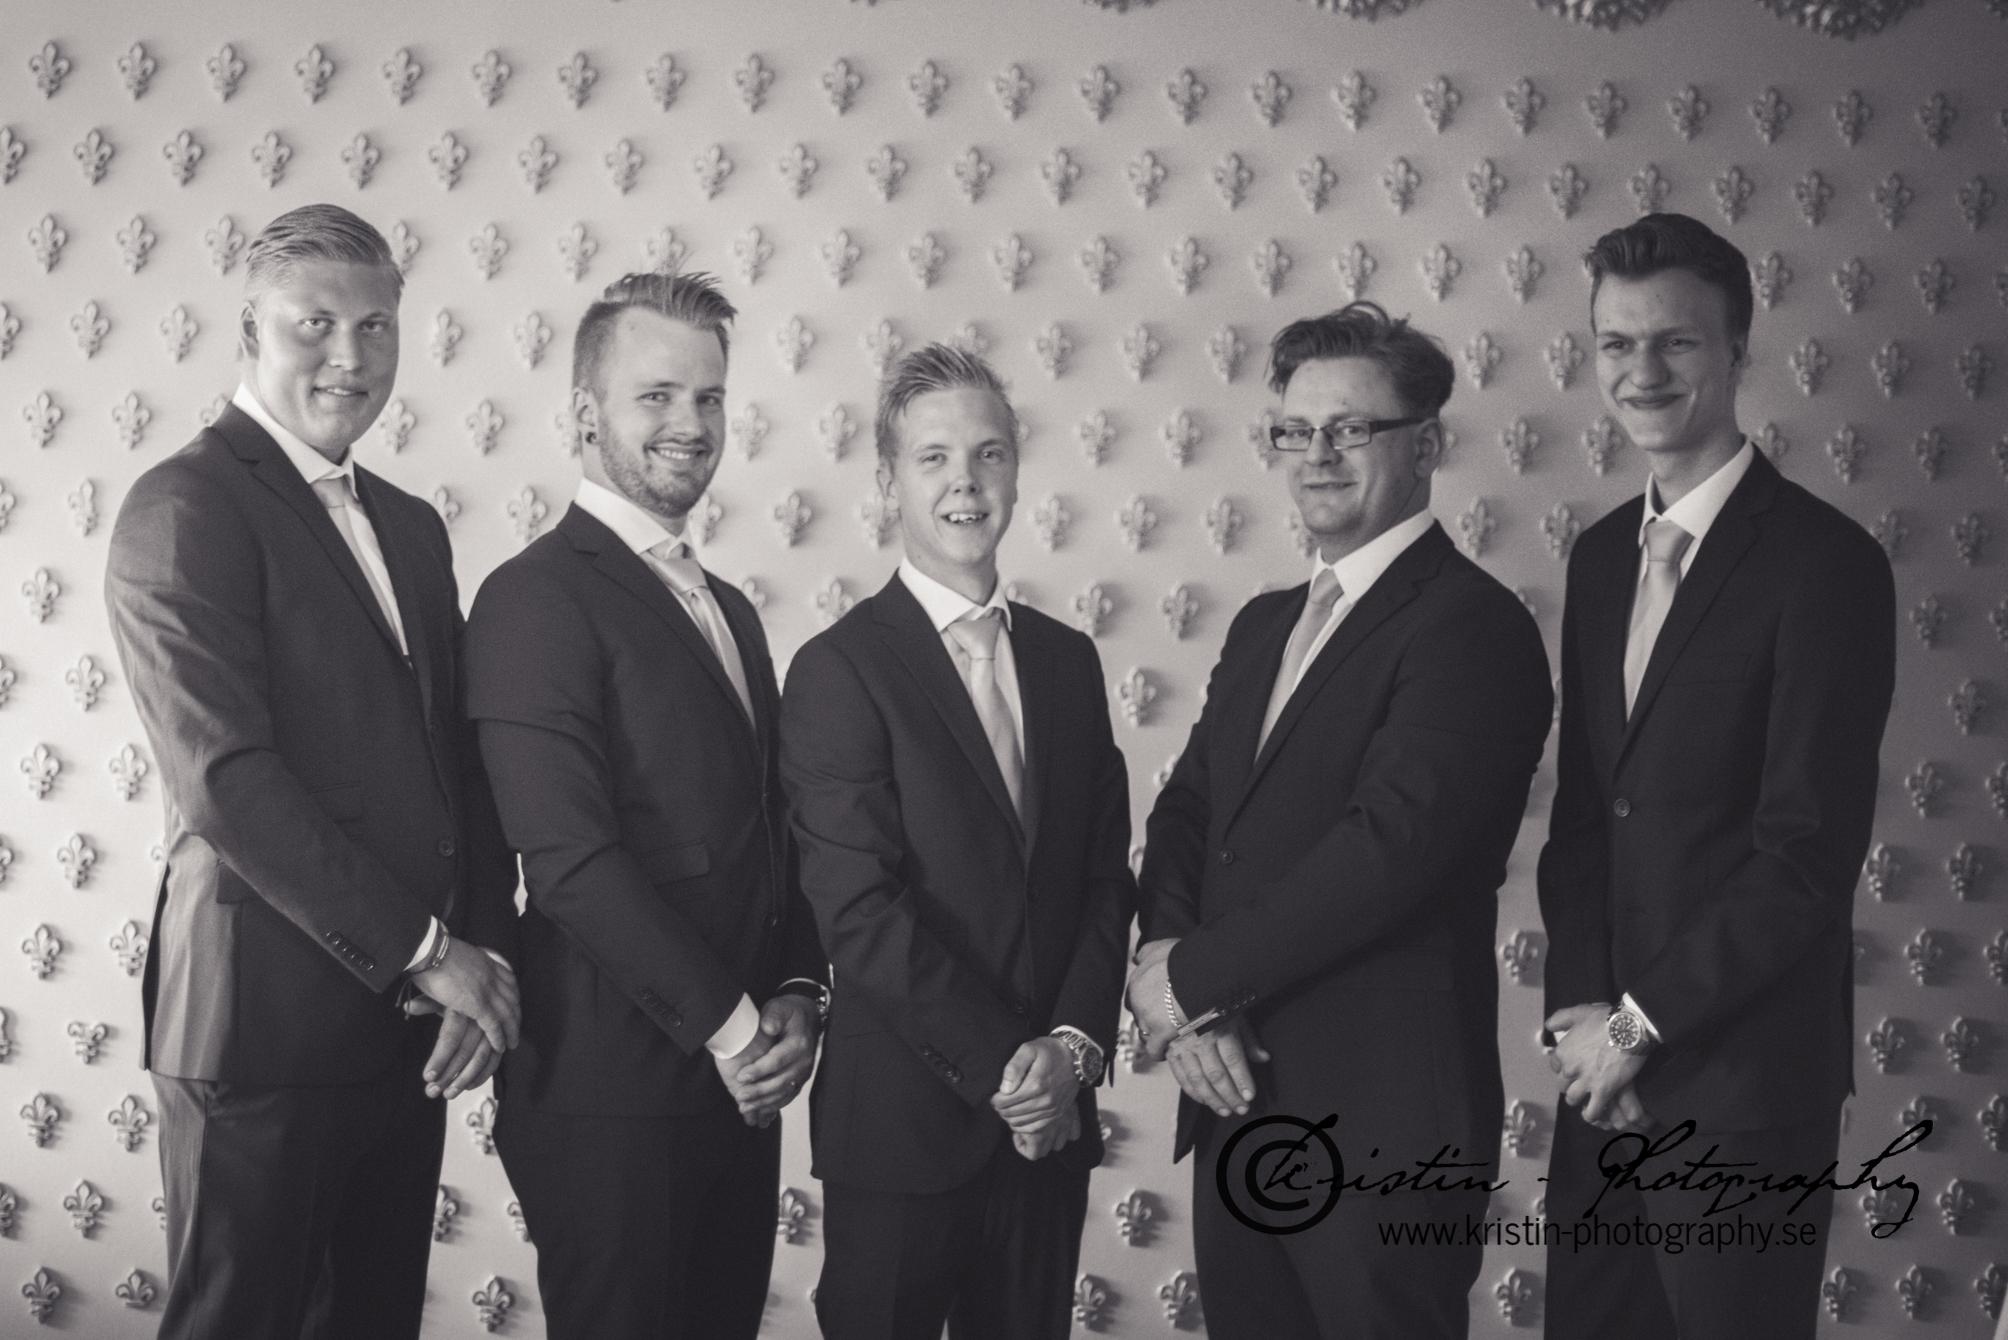 Bröllopsfotograf i Eskilstuna, Kristin - Photography, weddingphotographer -40.jpg